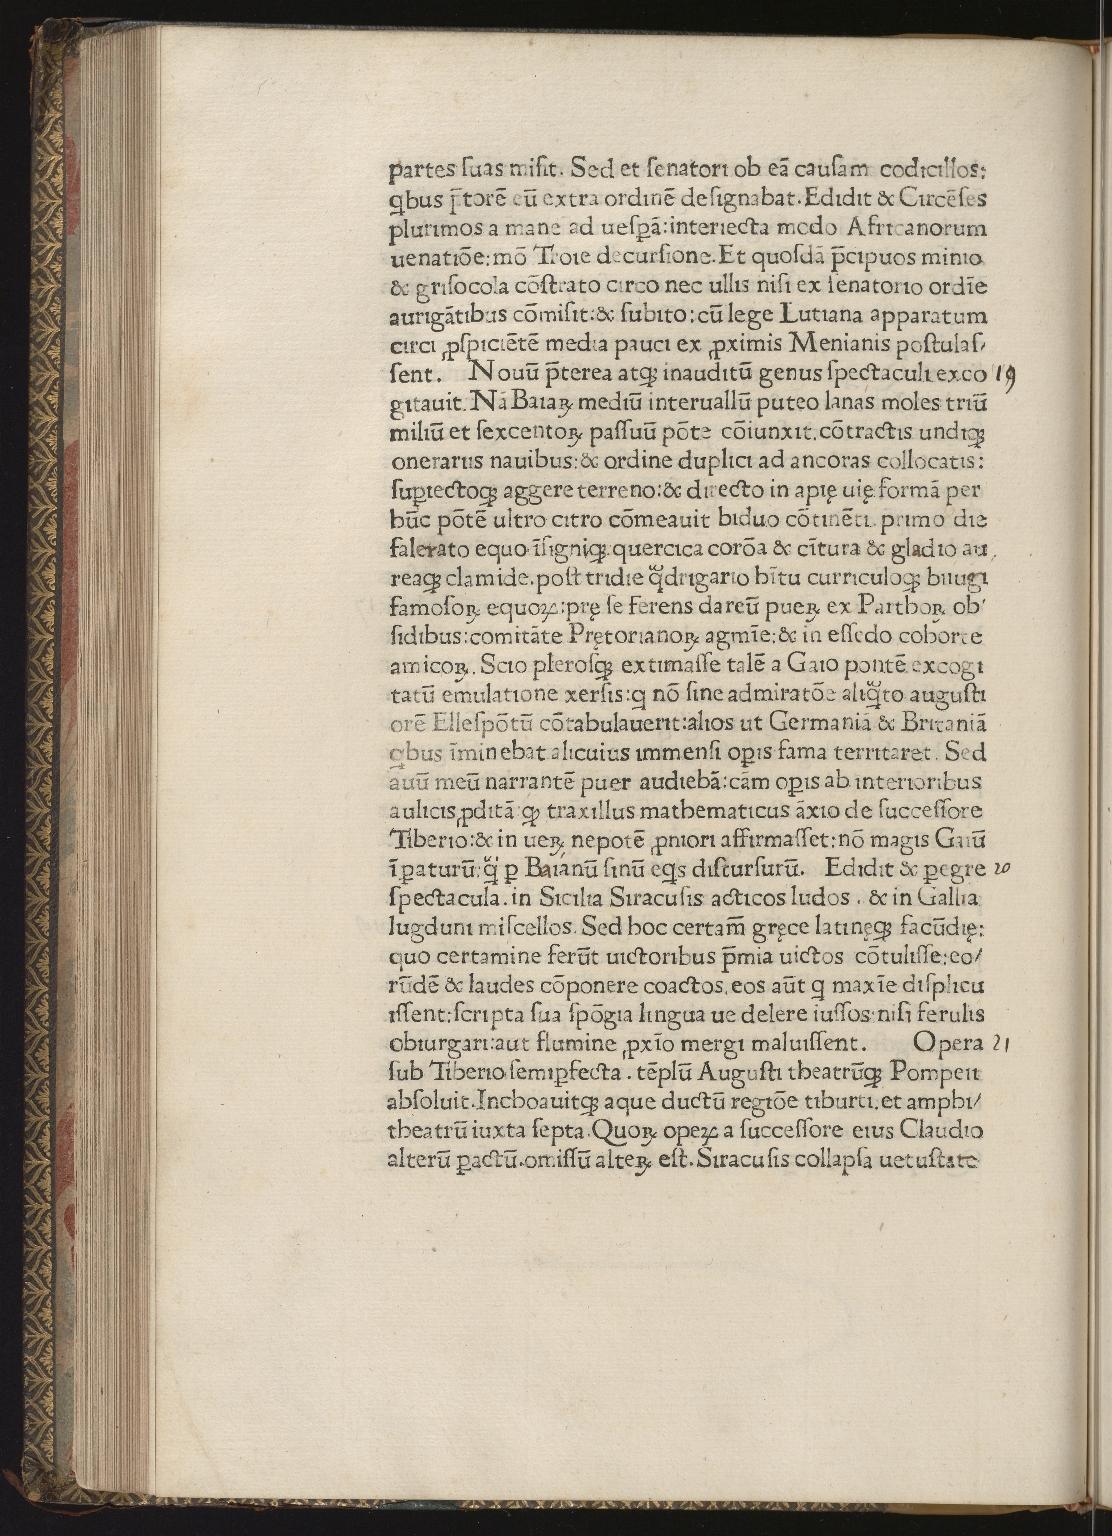 De vita Caesarum, Fol.64 verso